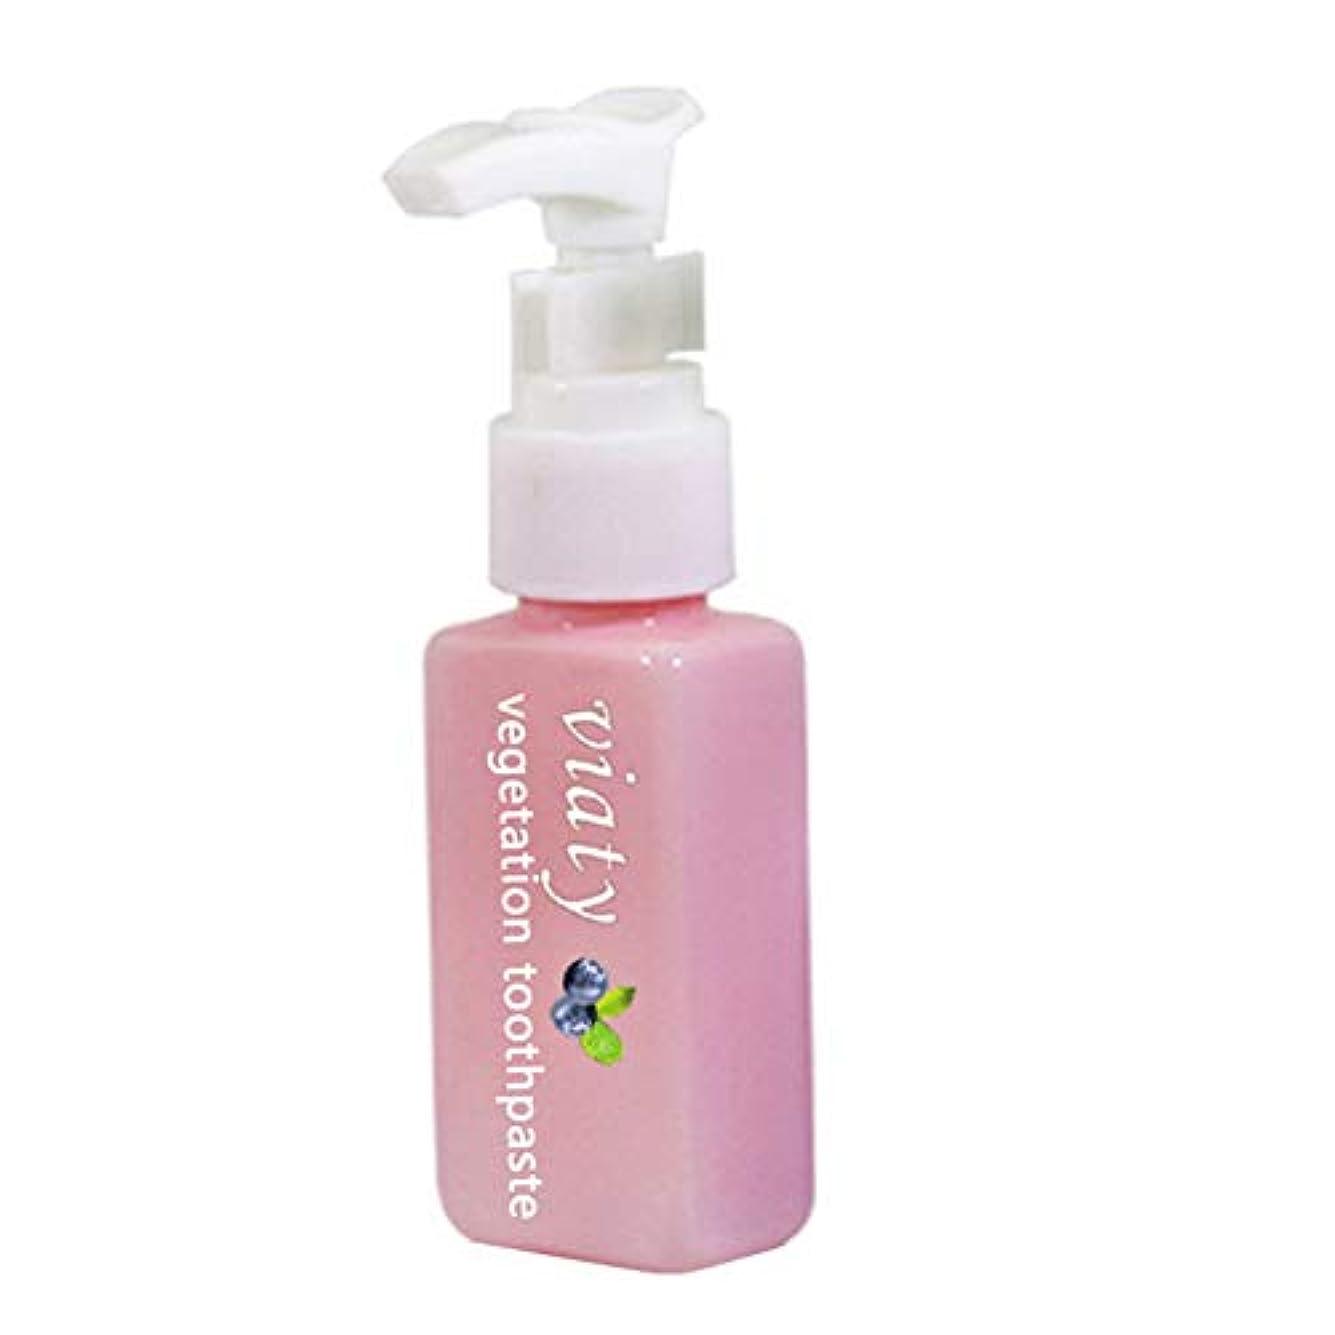 西判決供給Profeel歯磨き粉アンチブリードガムプレスタイプ新鮮な歯磨き粉を白くする汚れ除去剤